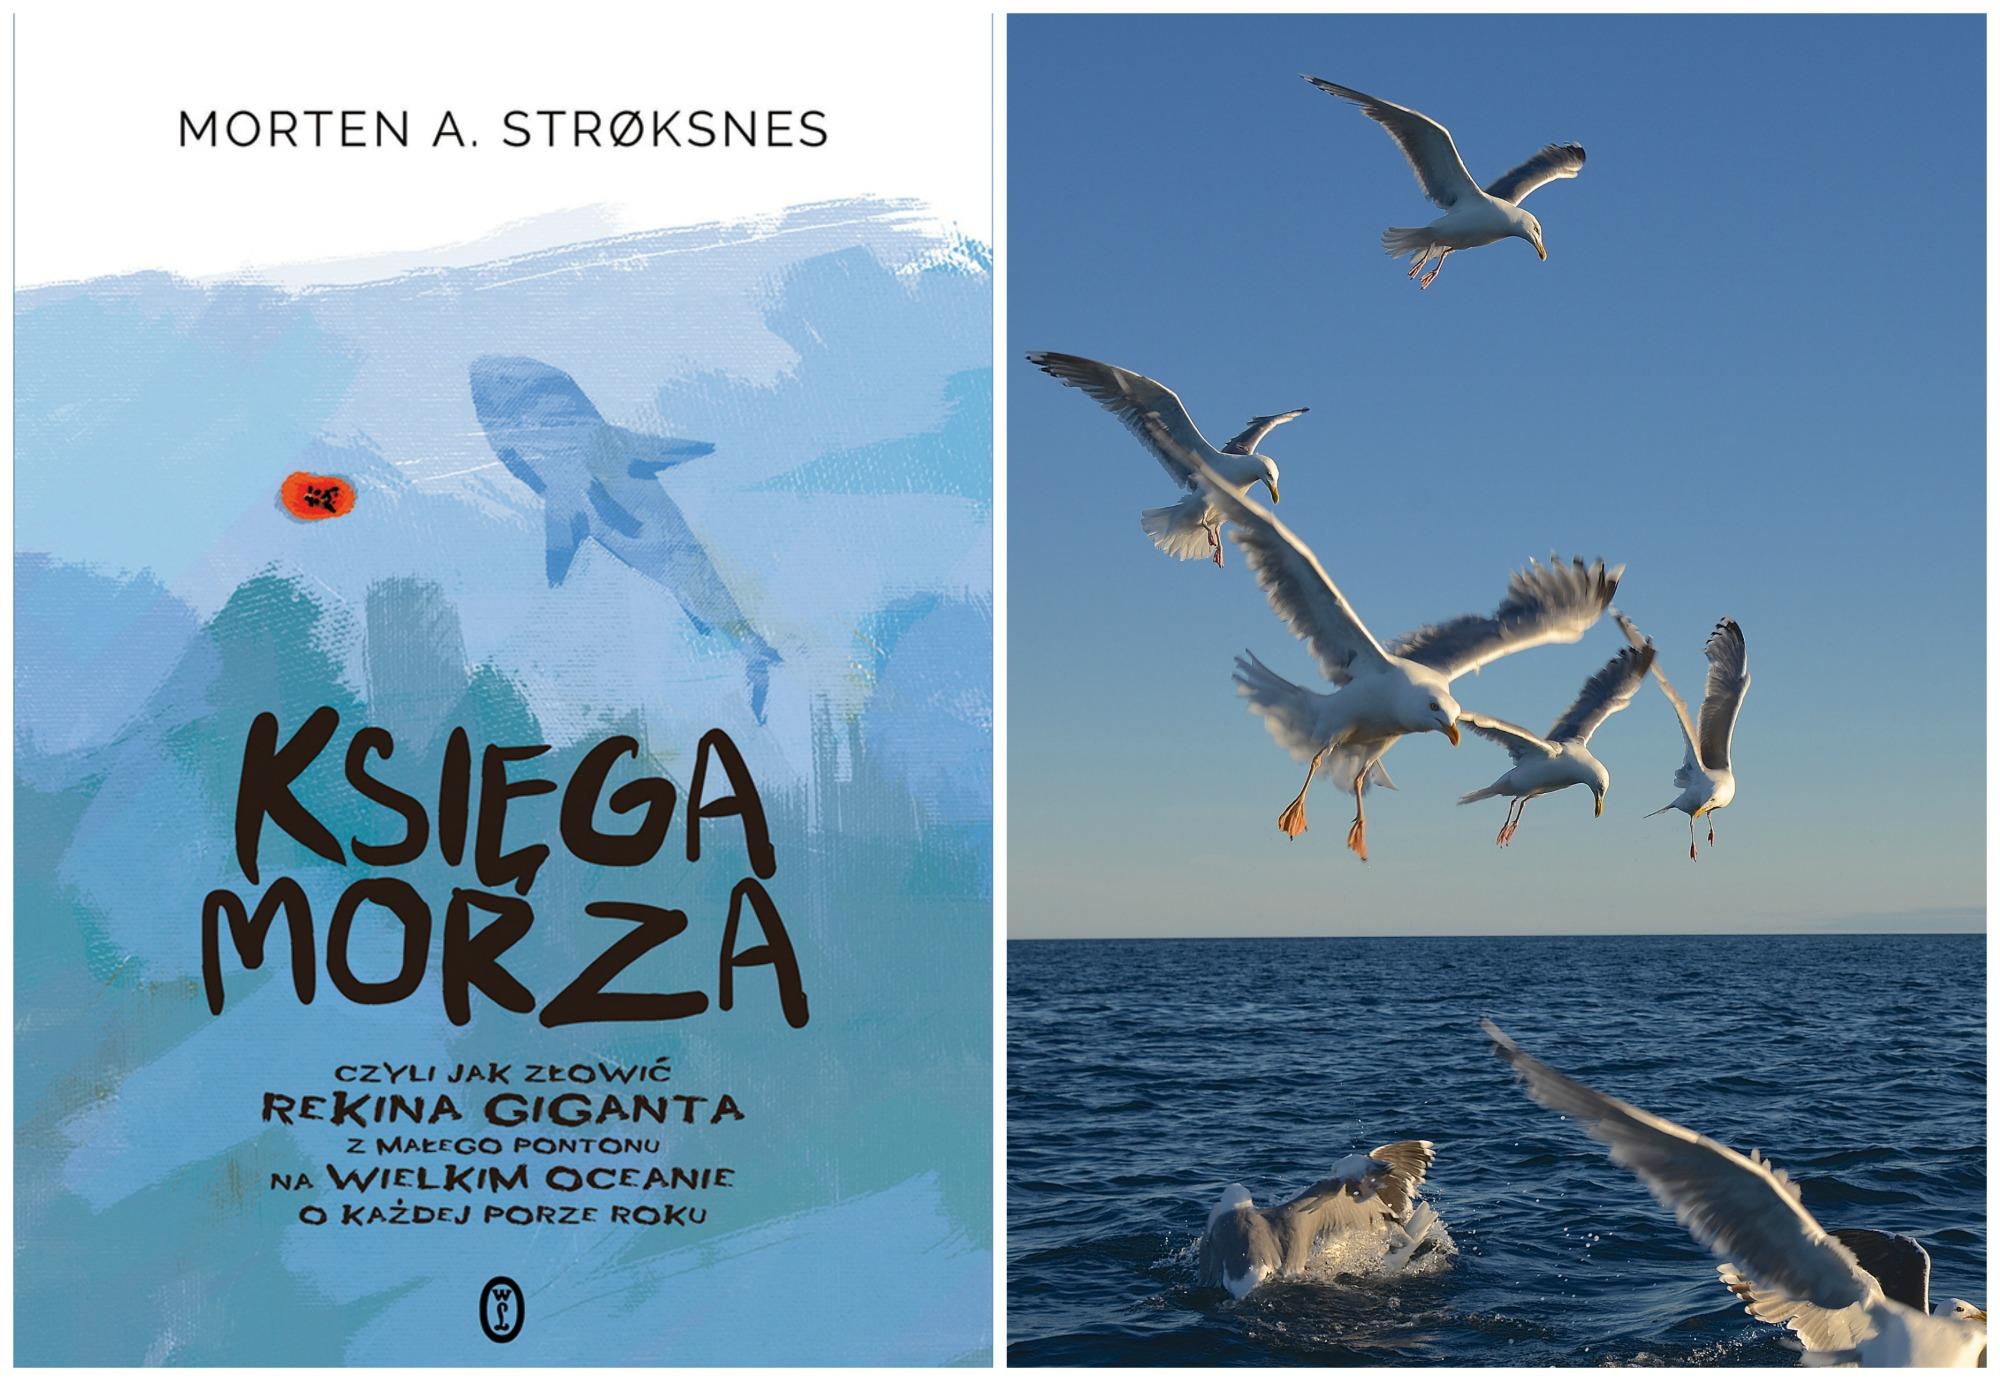 'Księga morza...' w polskim przekładzie ukazała się nakładem Wydawnictwa Literackiego (fot. materiały prasowe / Morten Stroksnes)